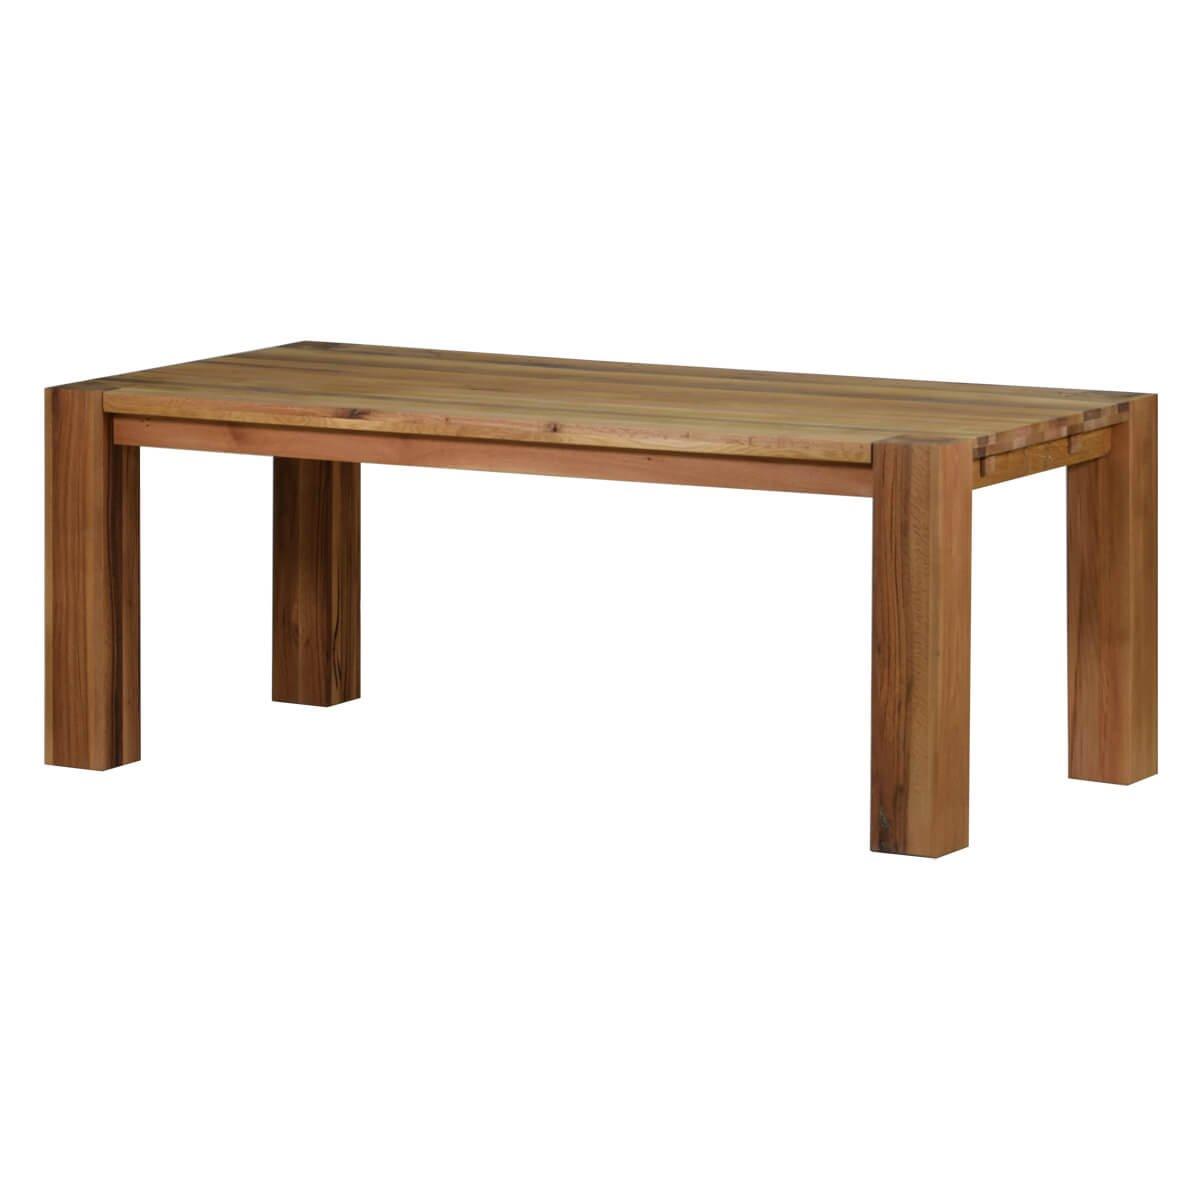 Esstisch Esszimmertisch Küchentisch Braxton, 200x100 cm, Massivholz Holz Eiche massiv natur geölt